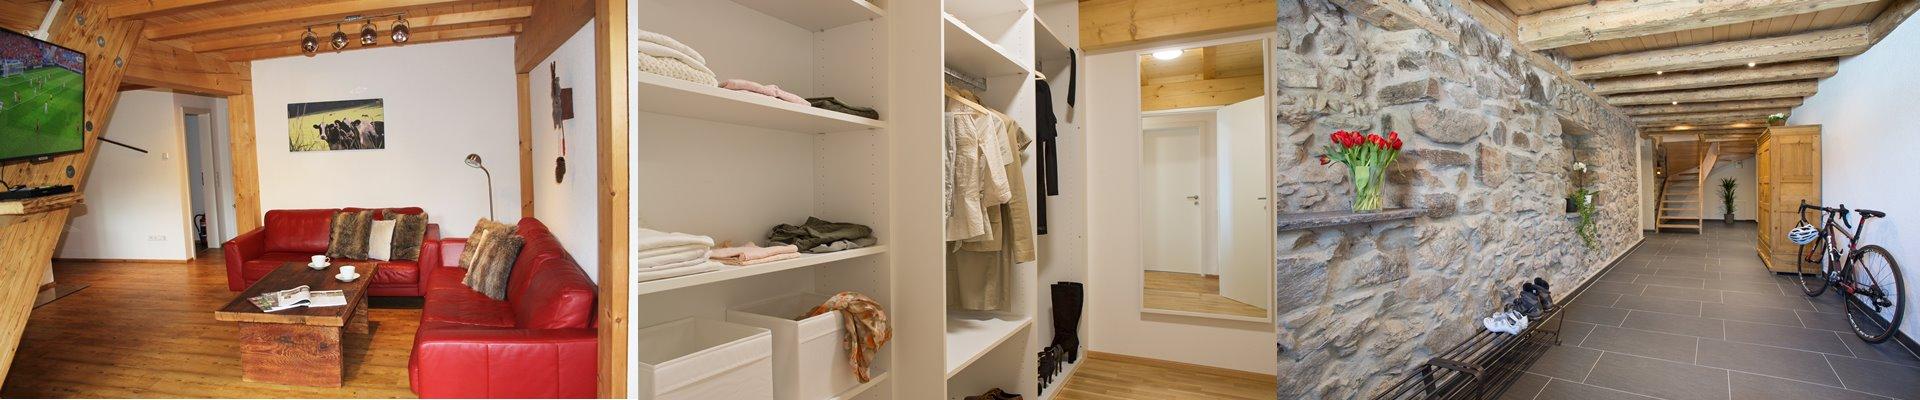 Collage: Wohnzimmer mit Flachbild-TV und Altholzcouchtisch + Begehbarer Kleiderschrank + Hausflur / Griesbachhof-Schwarzwald